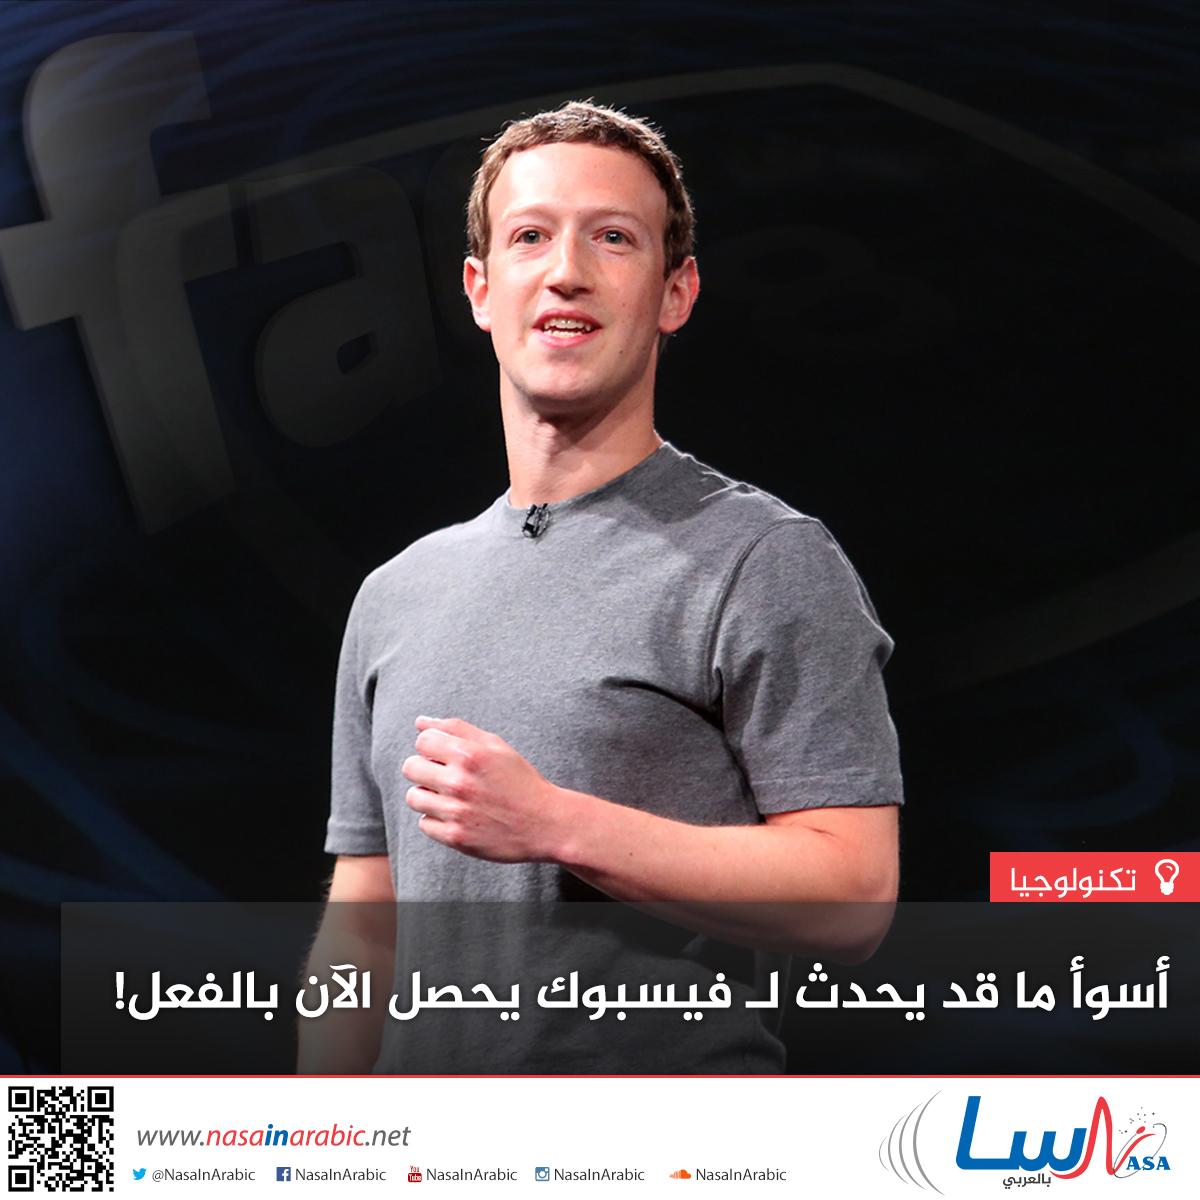 أسوأ ما قد يحدث لـلفيسبوك يحصل الآن بالفعل!